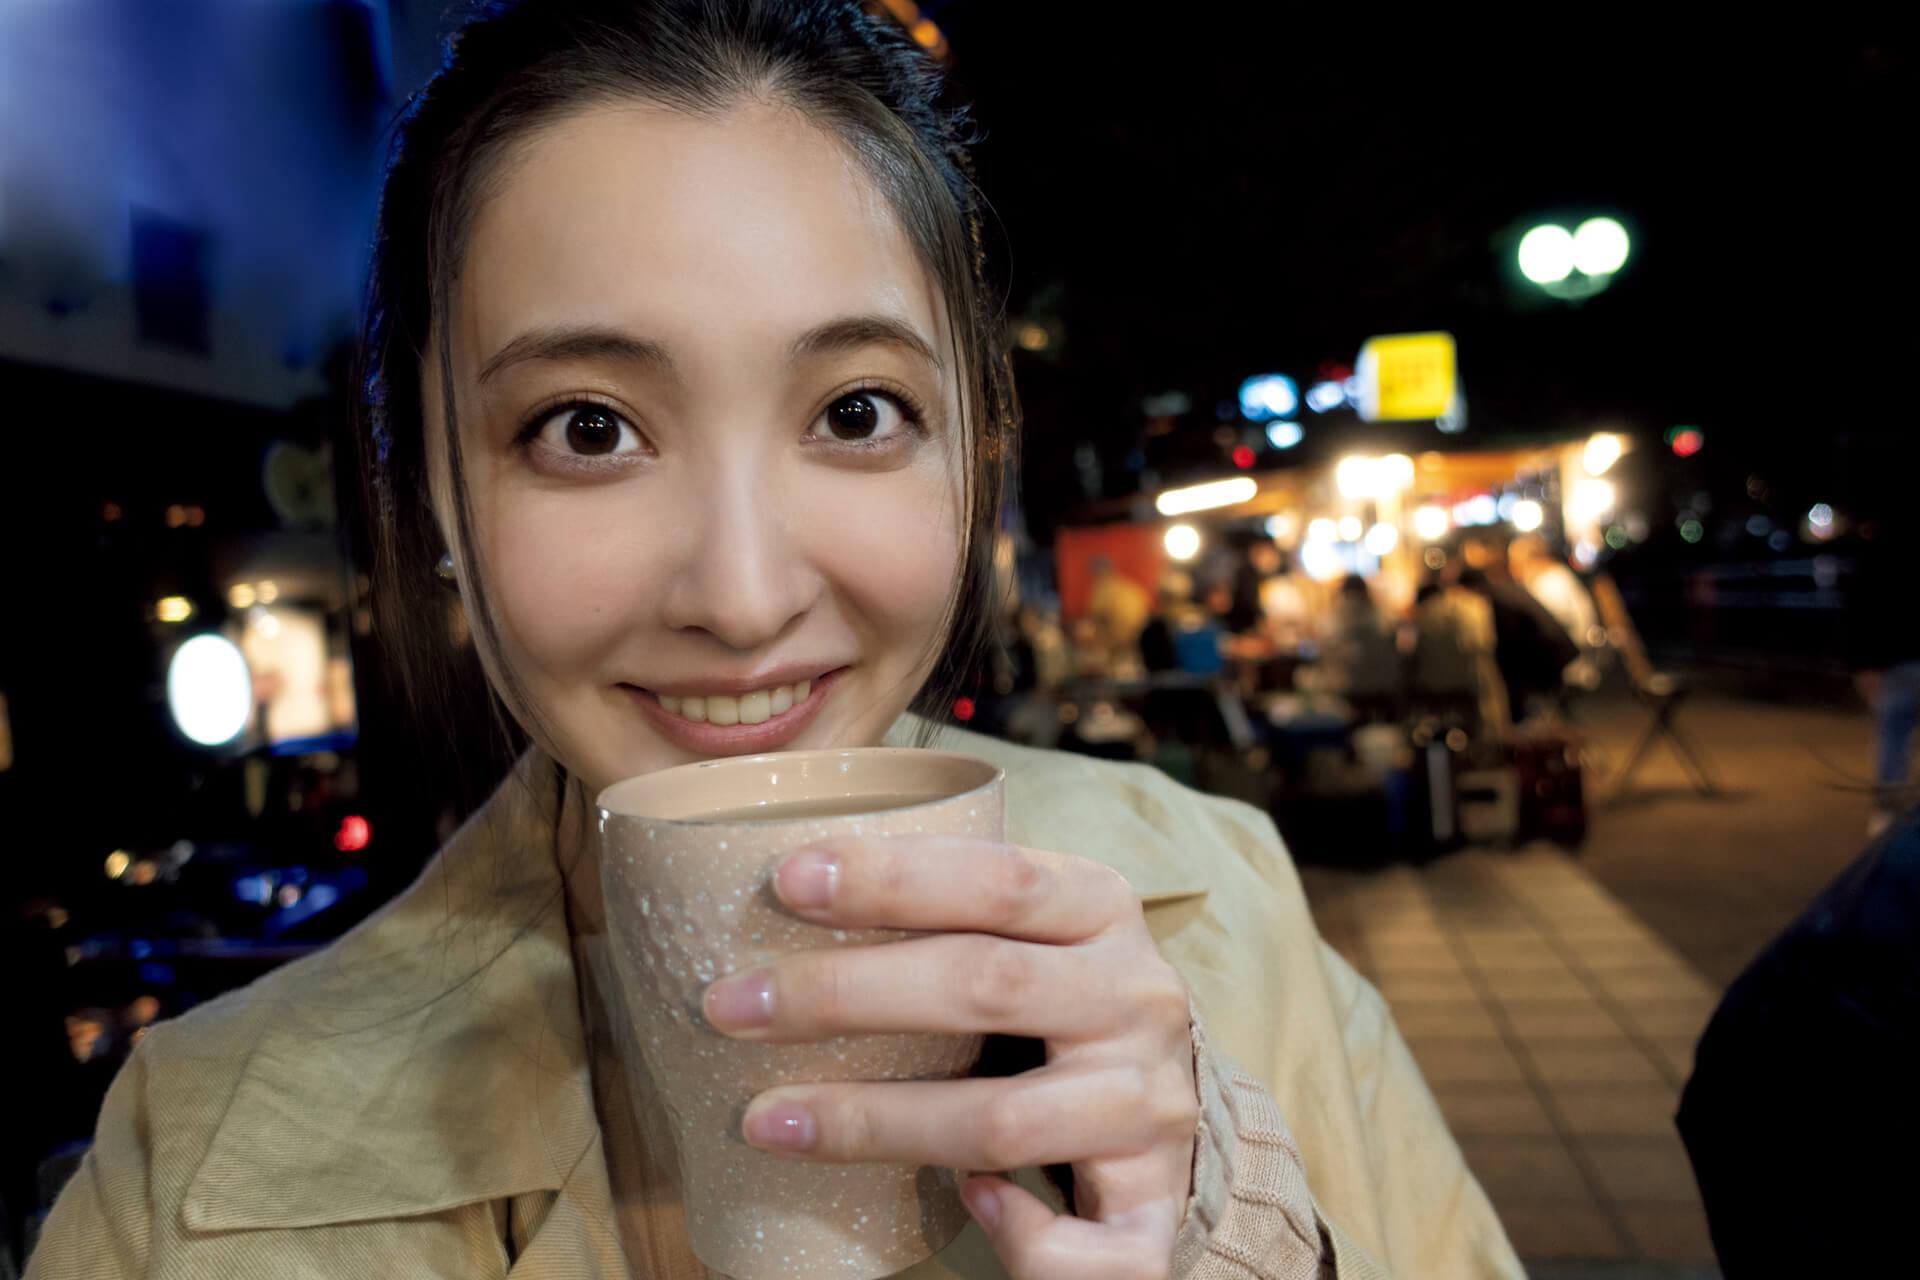 今週号『FLASH』にはアダルトなセクシーさで魅了する大石絵理の女子旅グラビアがたっぷり収録!表紙には新川優愛が登場 art201201_flash_3